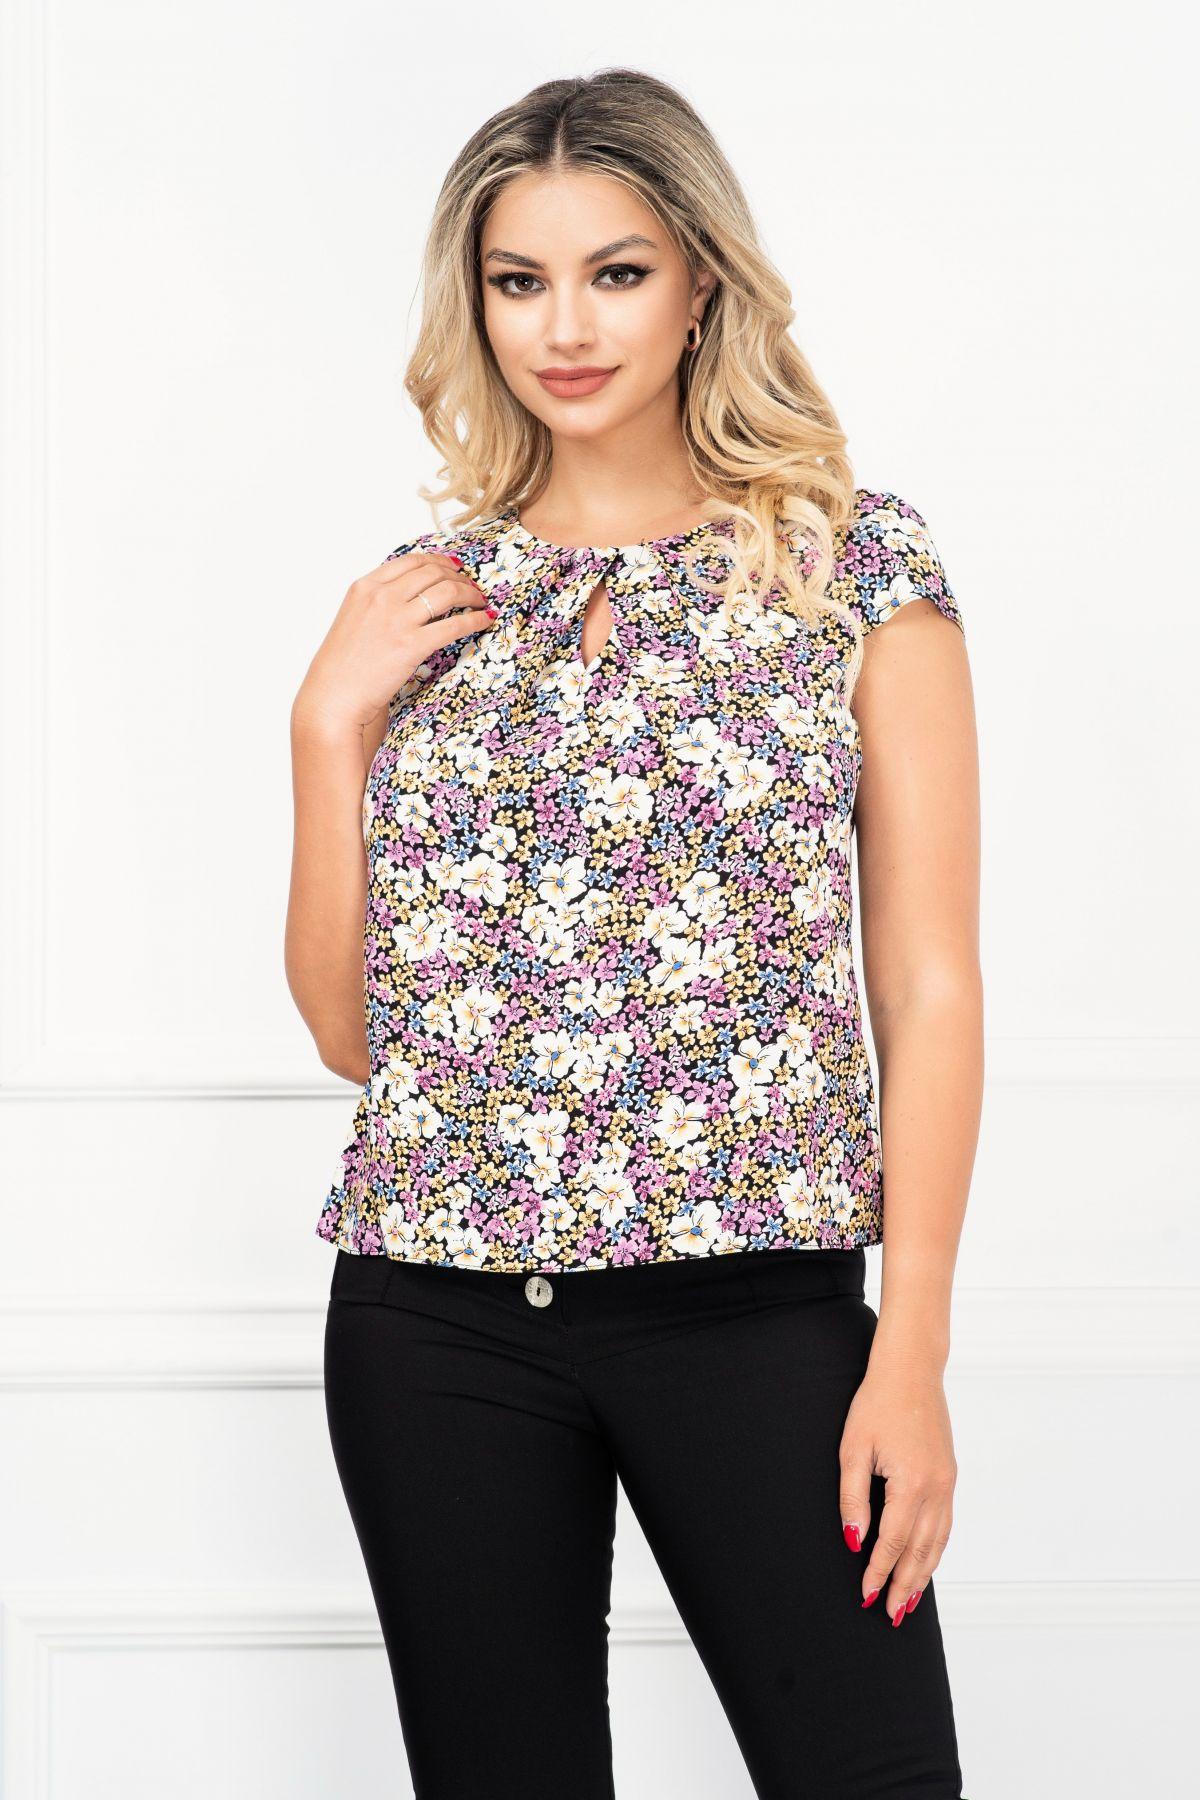 Bluza de vara lejera cu imprimeu bogat flori galbene si lila